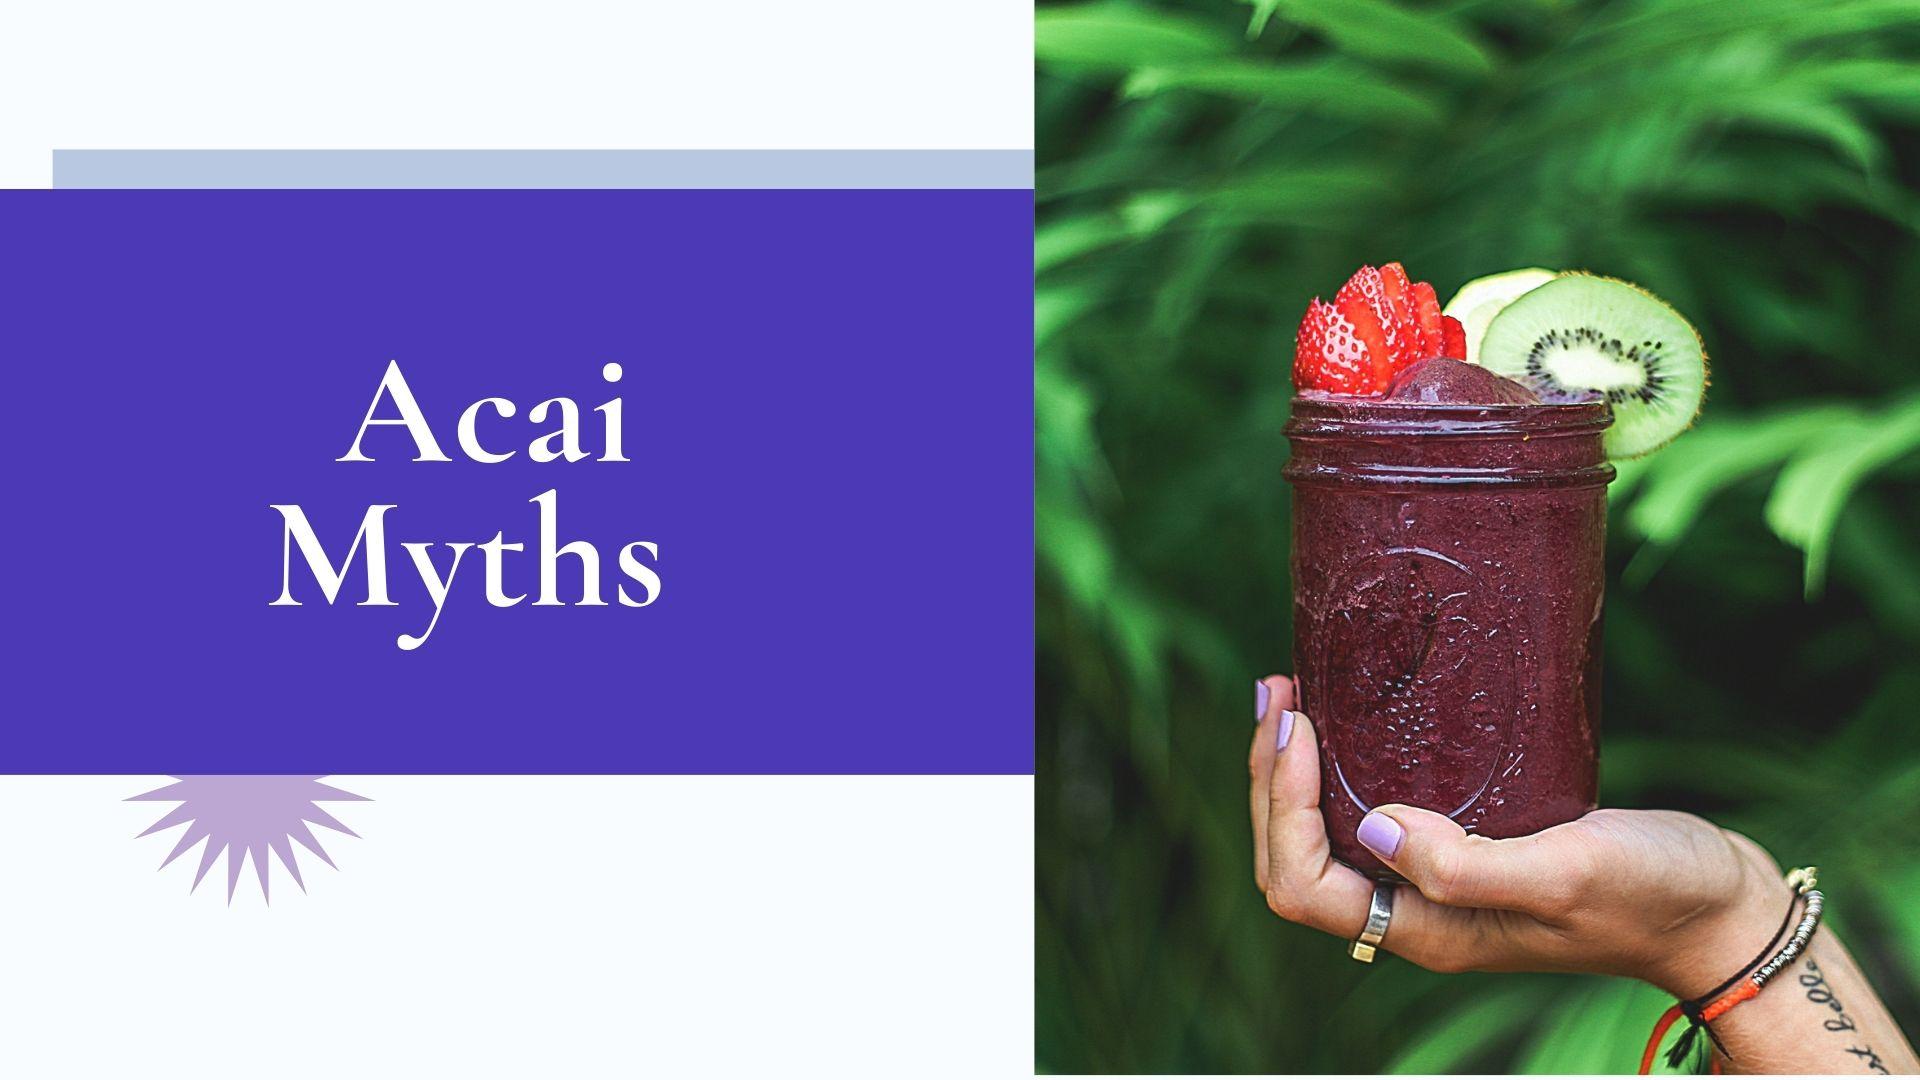 acai myths